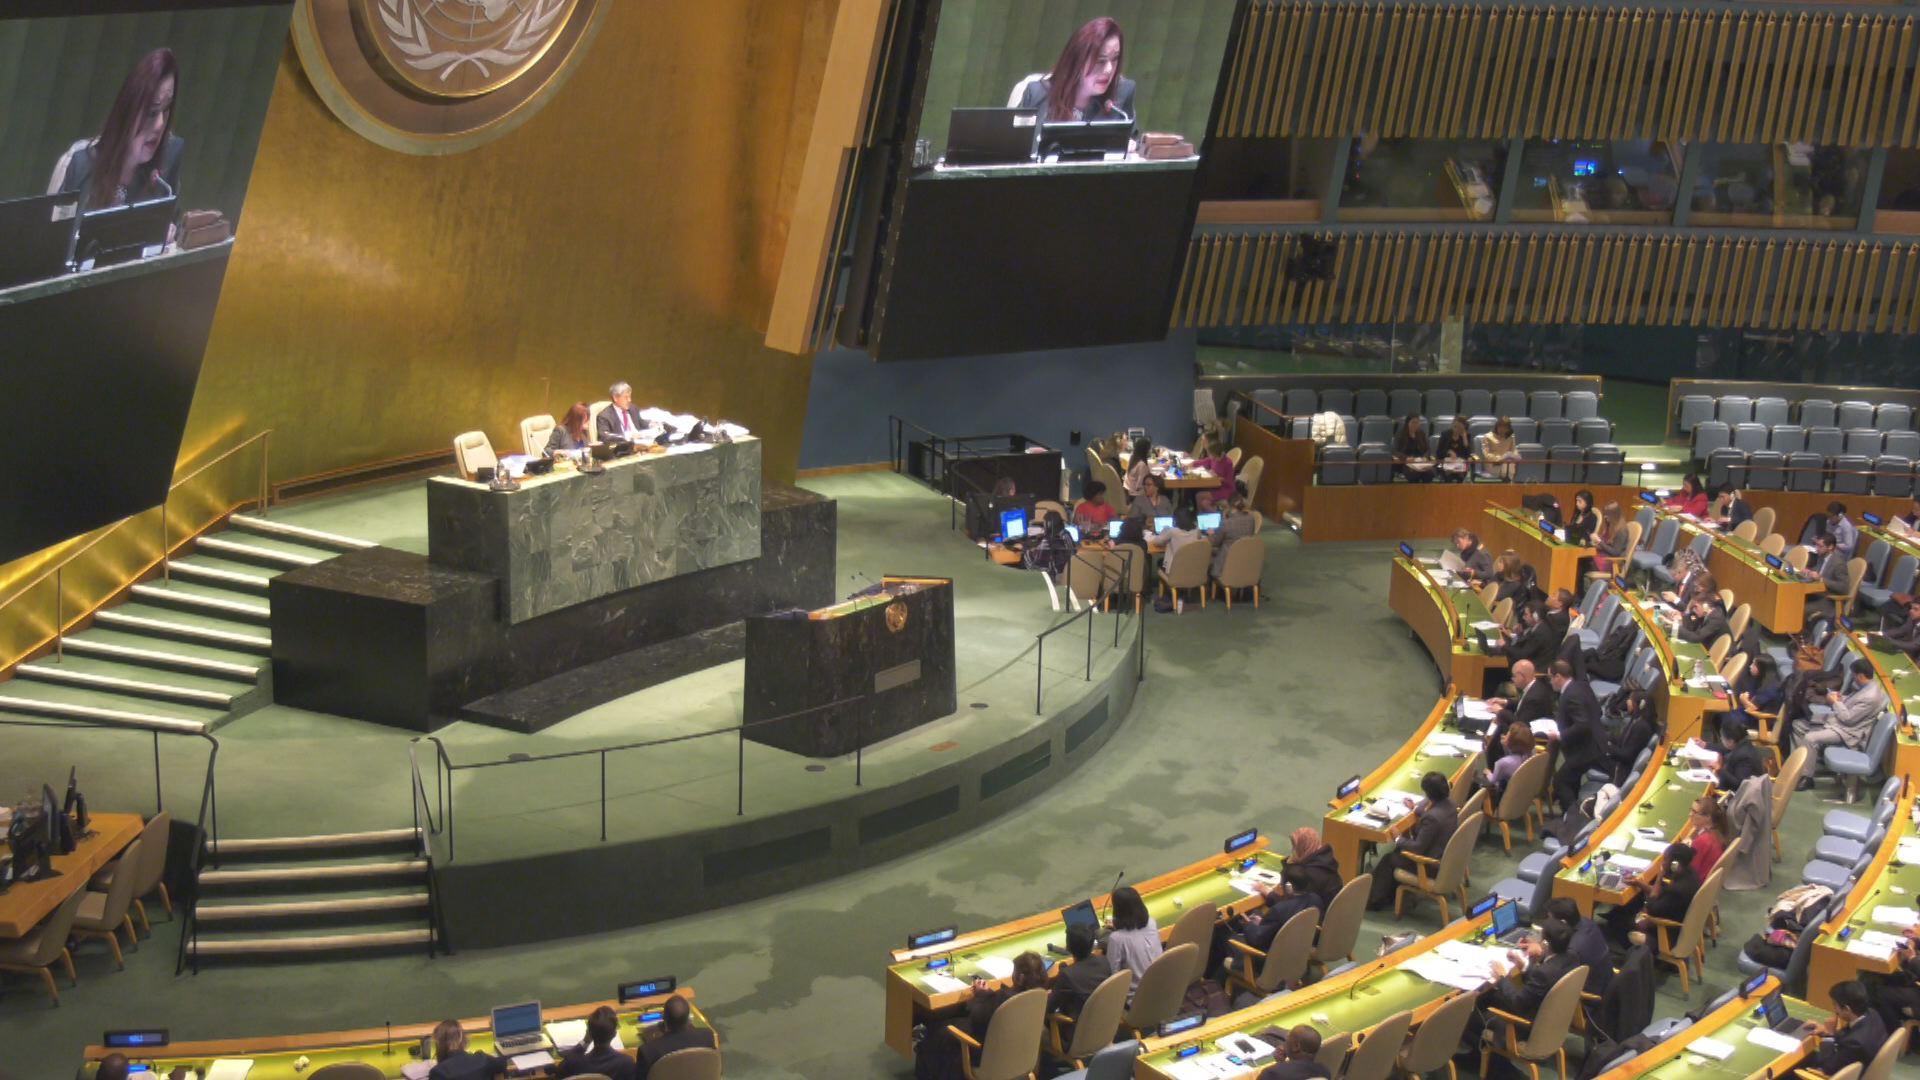 17일(현지시간) 뉴욕 유엔본부에서 열린 유엔총회에서 북한 인권결의안이 14년 연속 채택됐다. 최정 미주중앙일보 기자